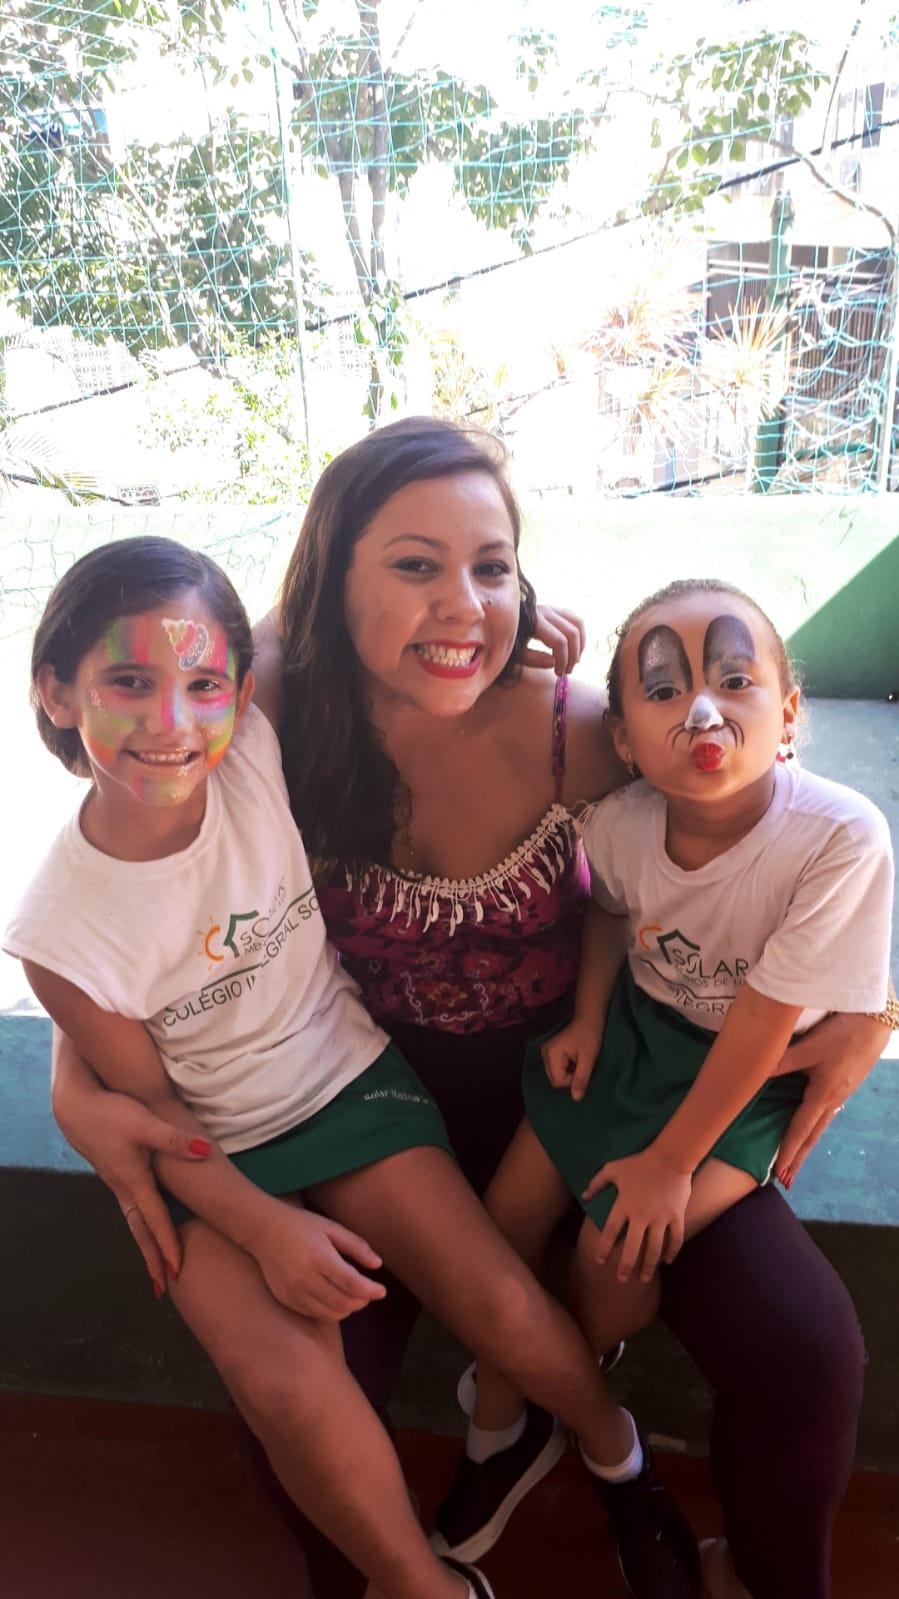 carnaval-de-rio-maquillage-kids